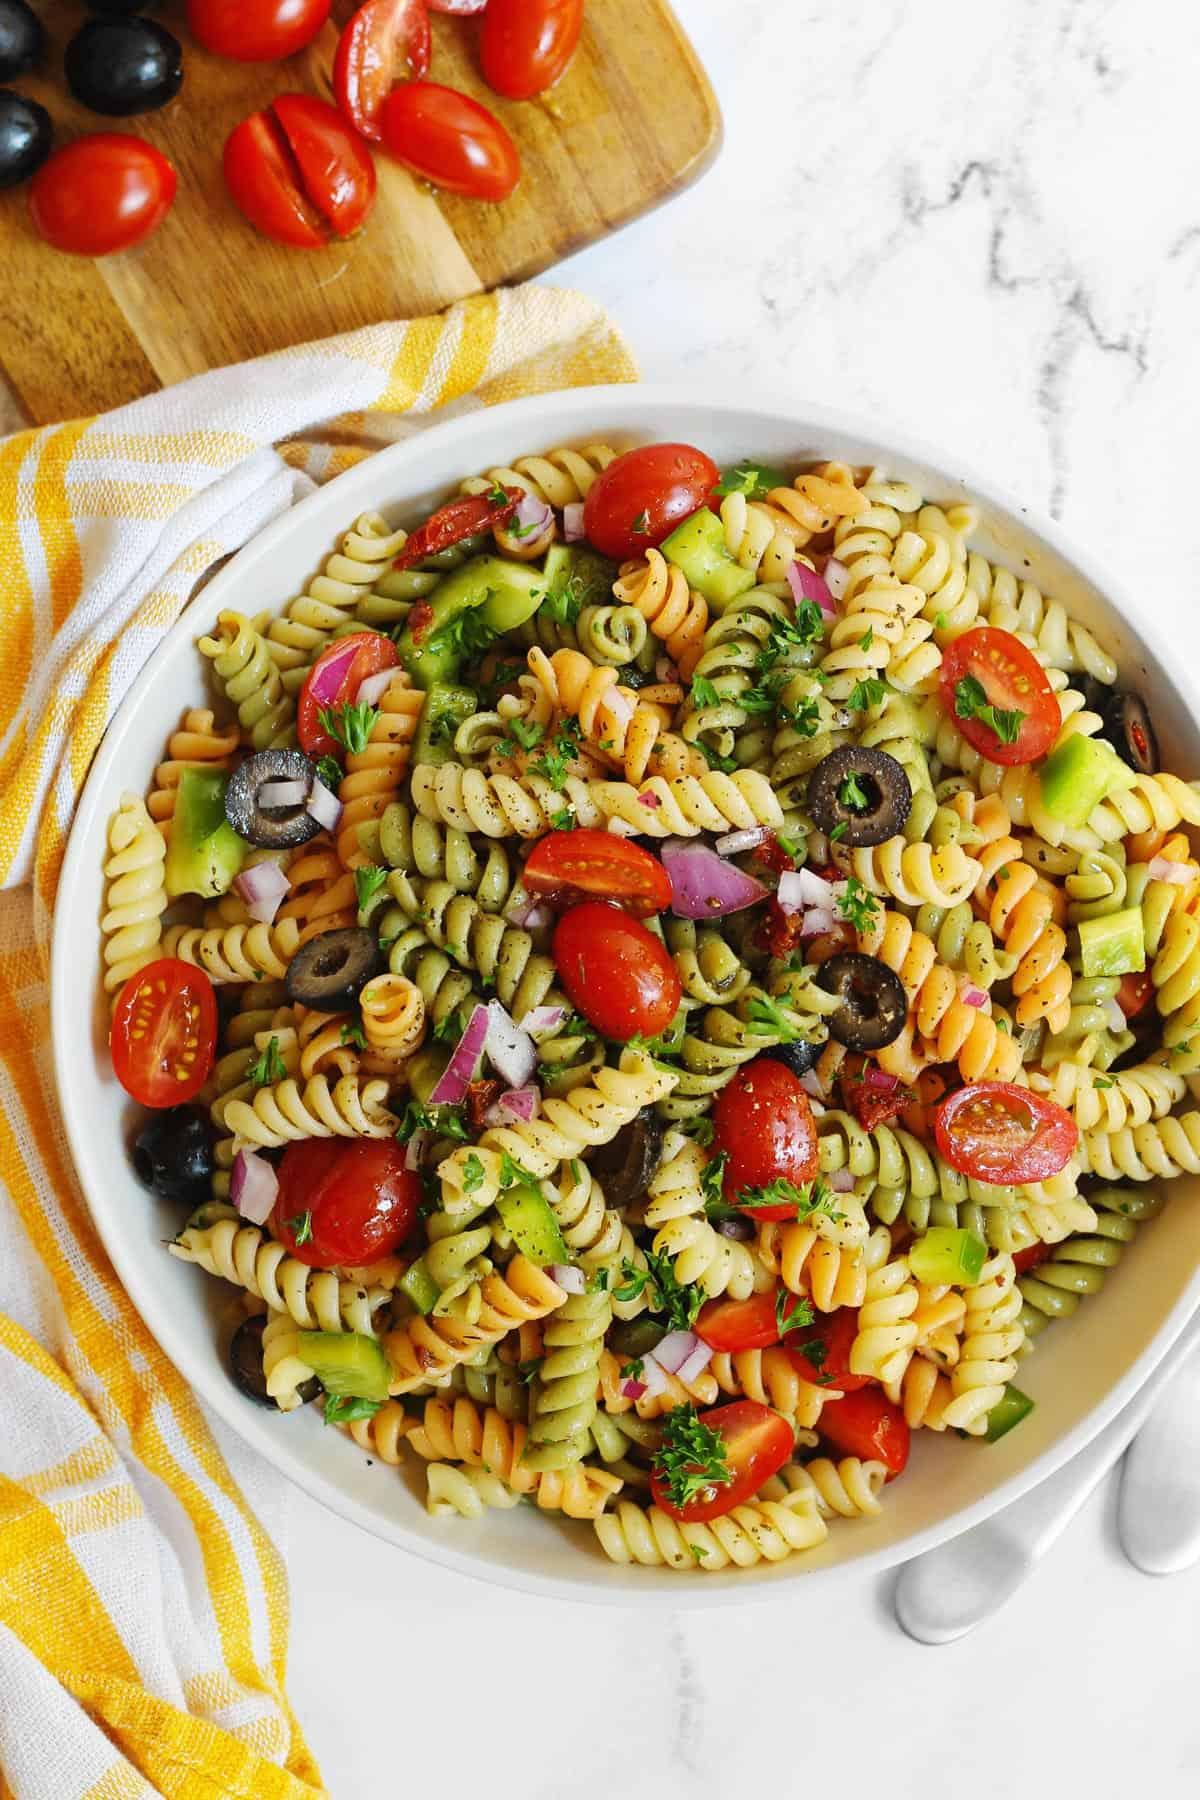 Vegan pasta salad in a white bowl